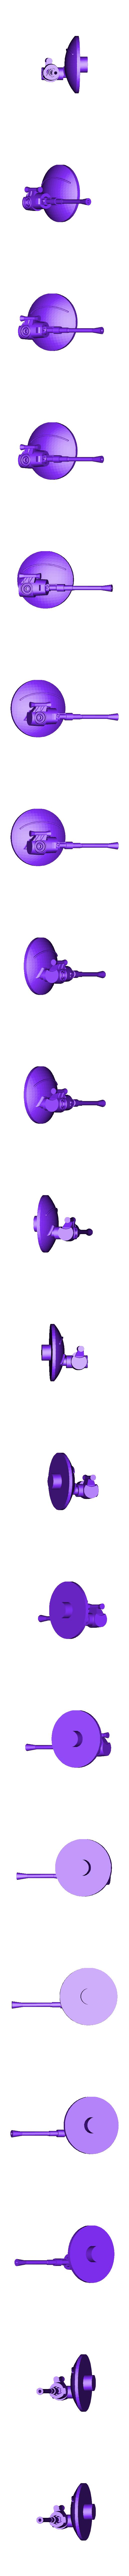 Petit_canon_droit_m.STL Télécharger fichier STL gratuit STARWARS motorisés AT - AT • Plan imprimable en 3D, Rio31